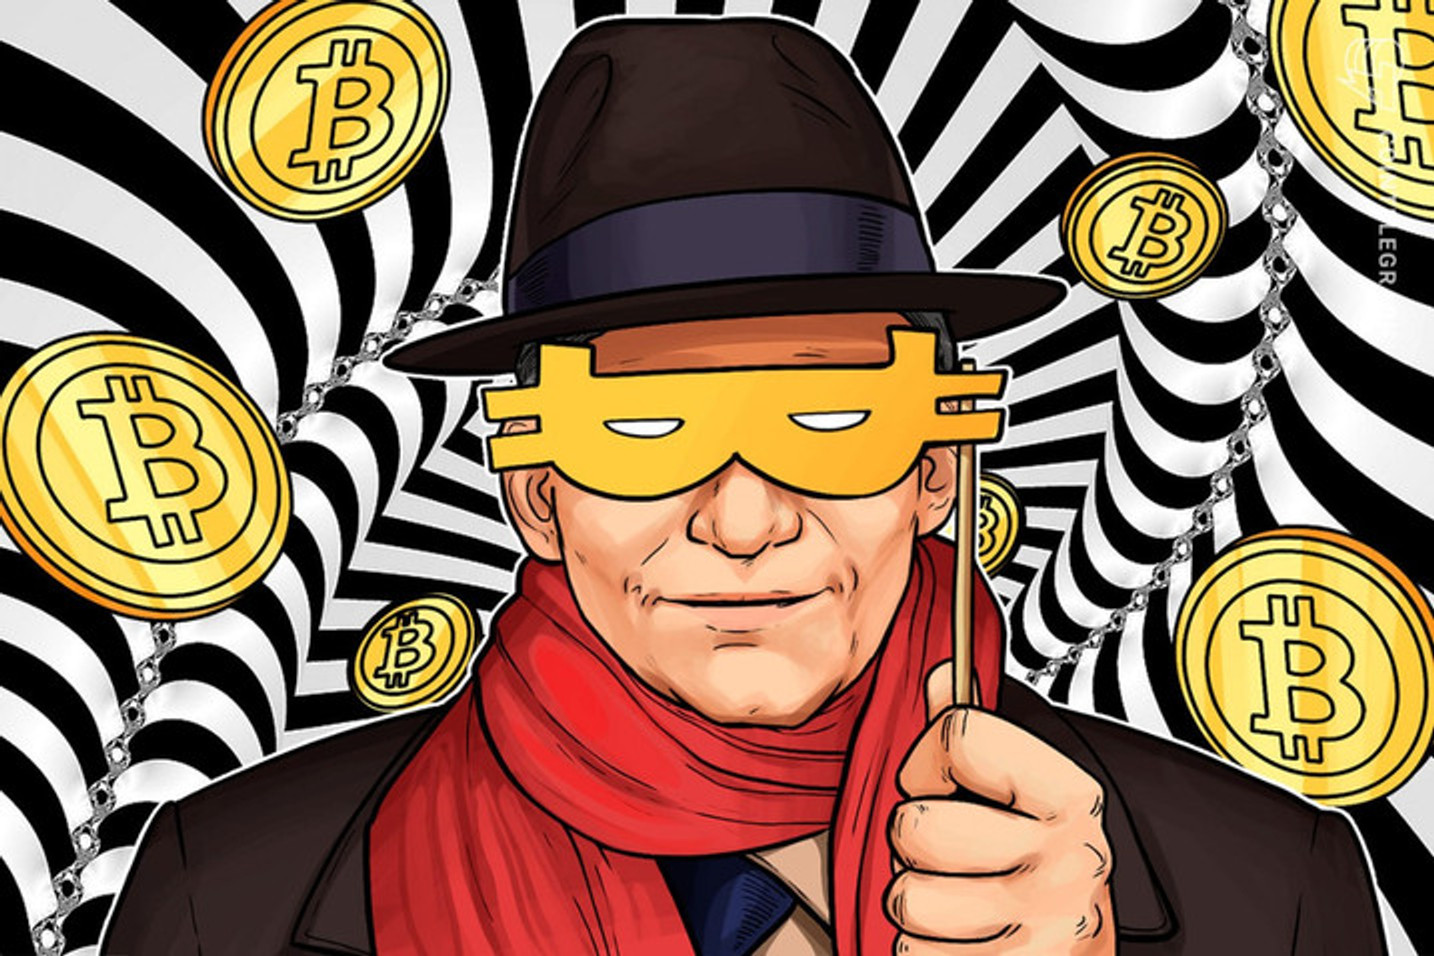 Criador do Bitcoin, Satoshi Nakamoto, é homenageado pela primeira vez com estátua na Europa